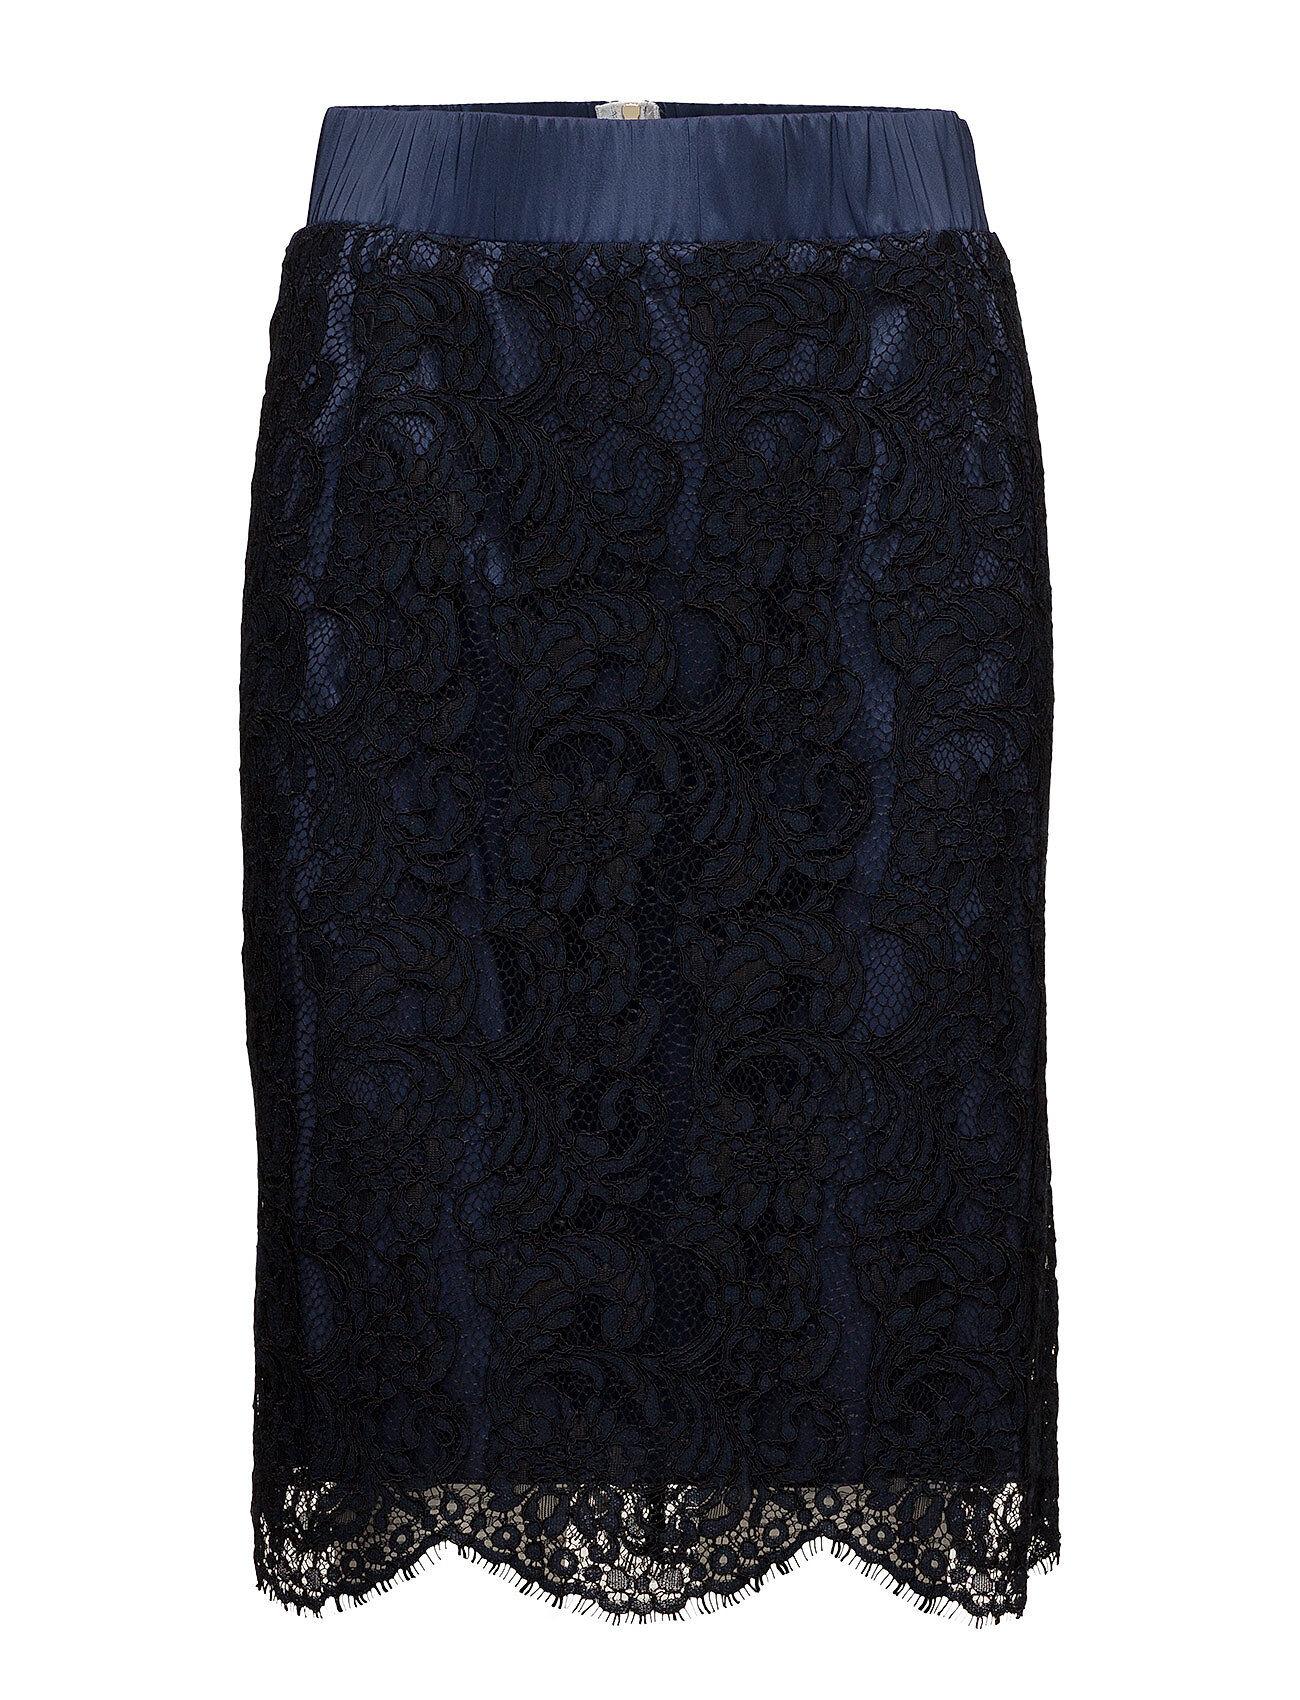 Valerie Always Skirt